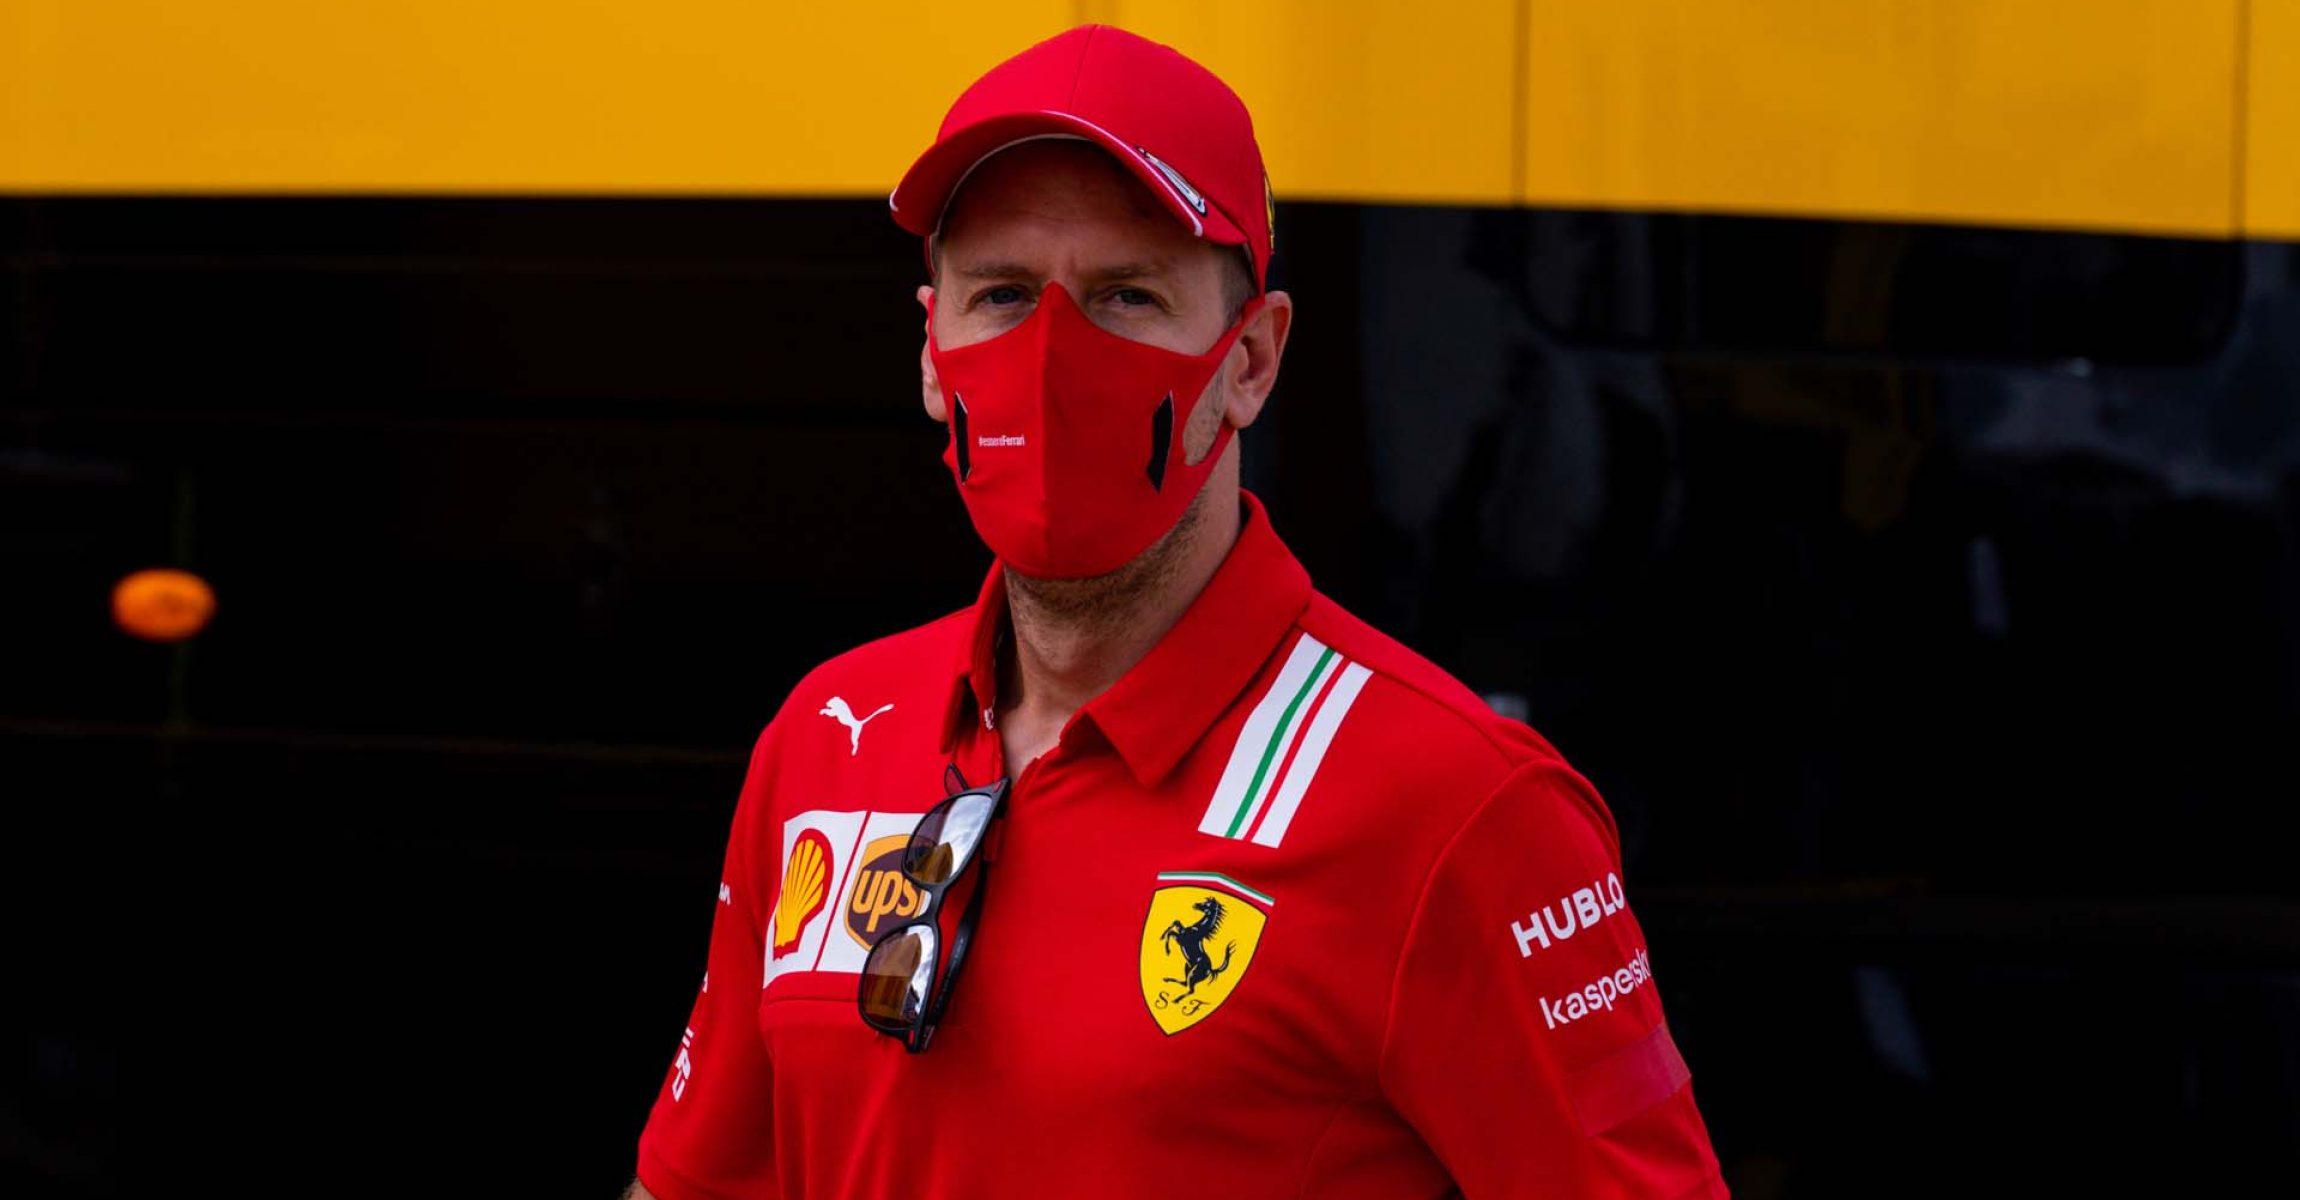 GP 70MO ANNIVERSARIO  F1/2020 -  GIOVEDÌ 06/08/2020  credit: @Scuderia Ferrari Press Office Sebastian Vettel